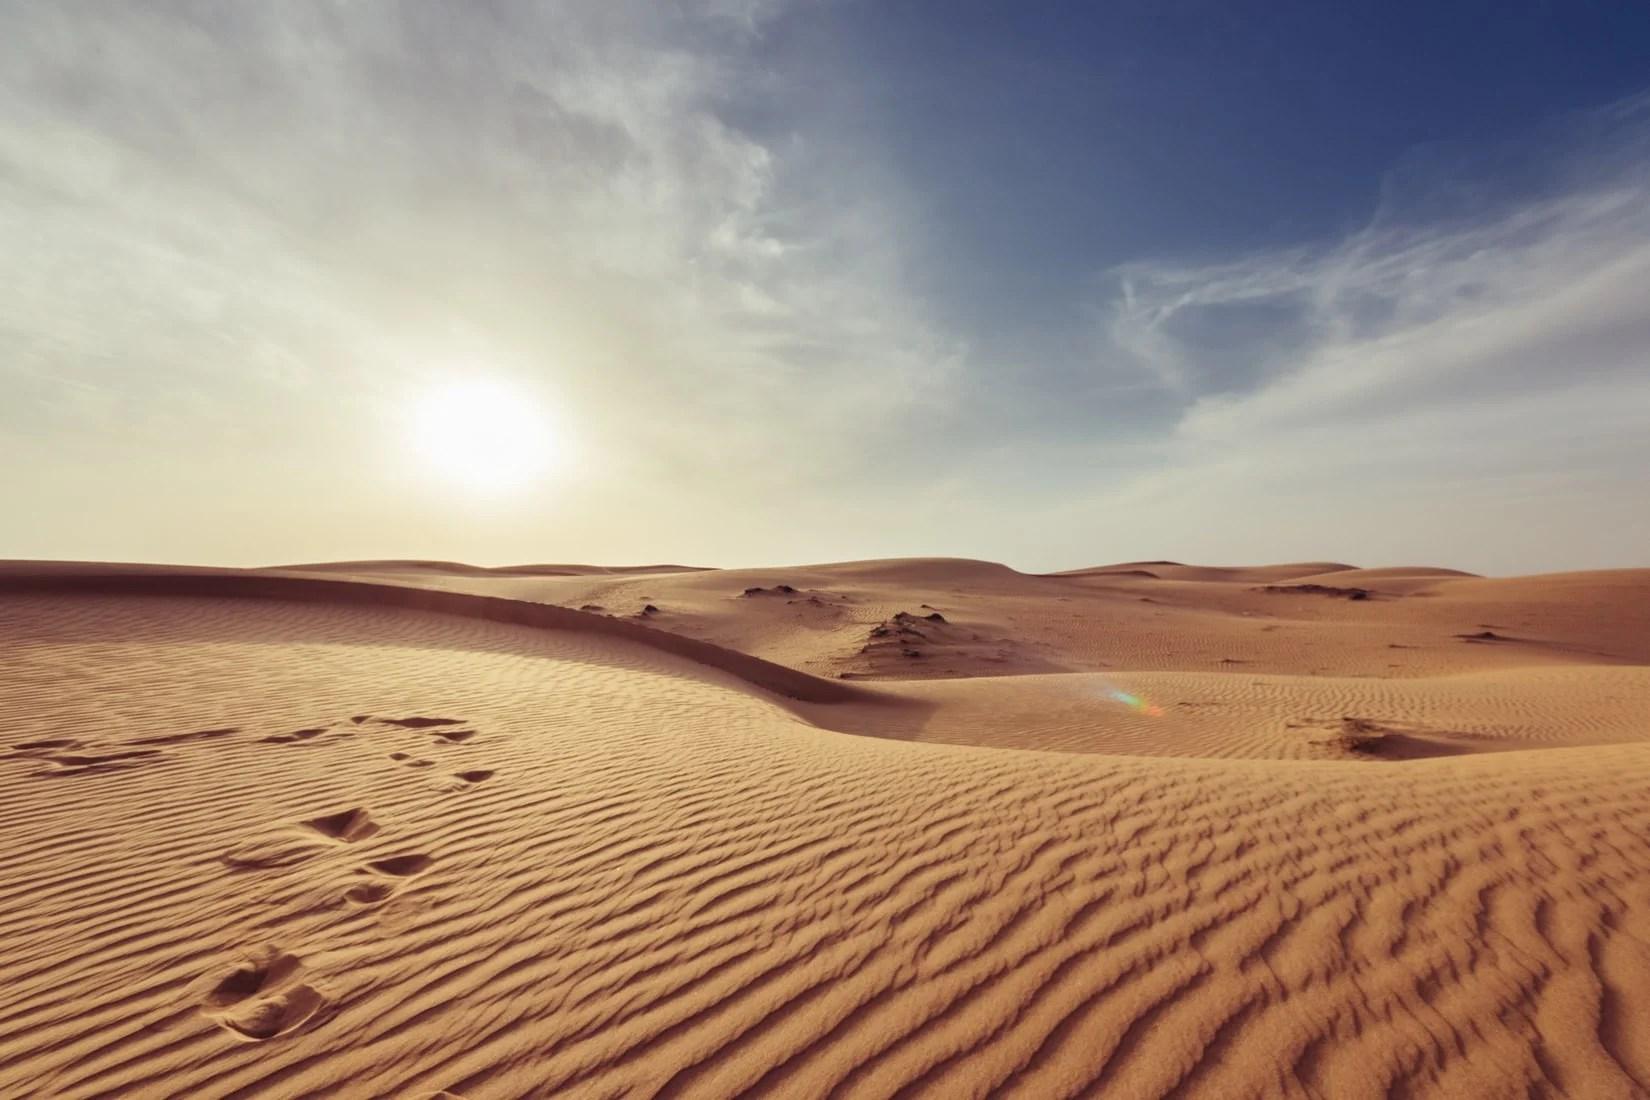 Dinge in den Sand schreiben, anstatt in Stein zu meißeln